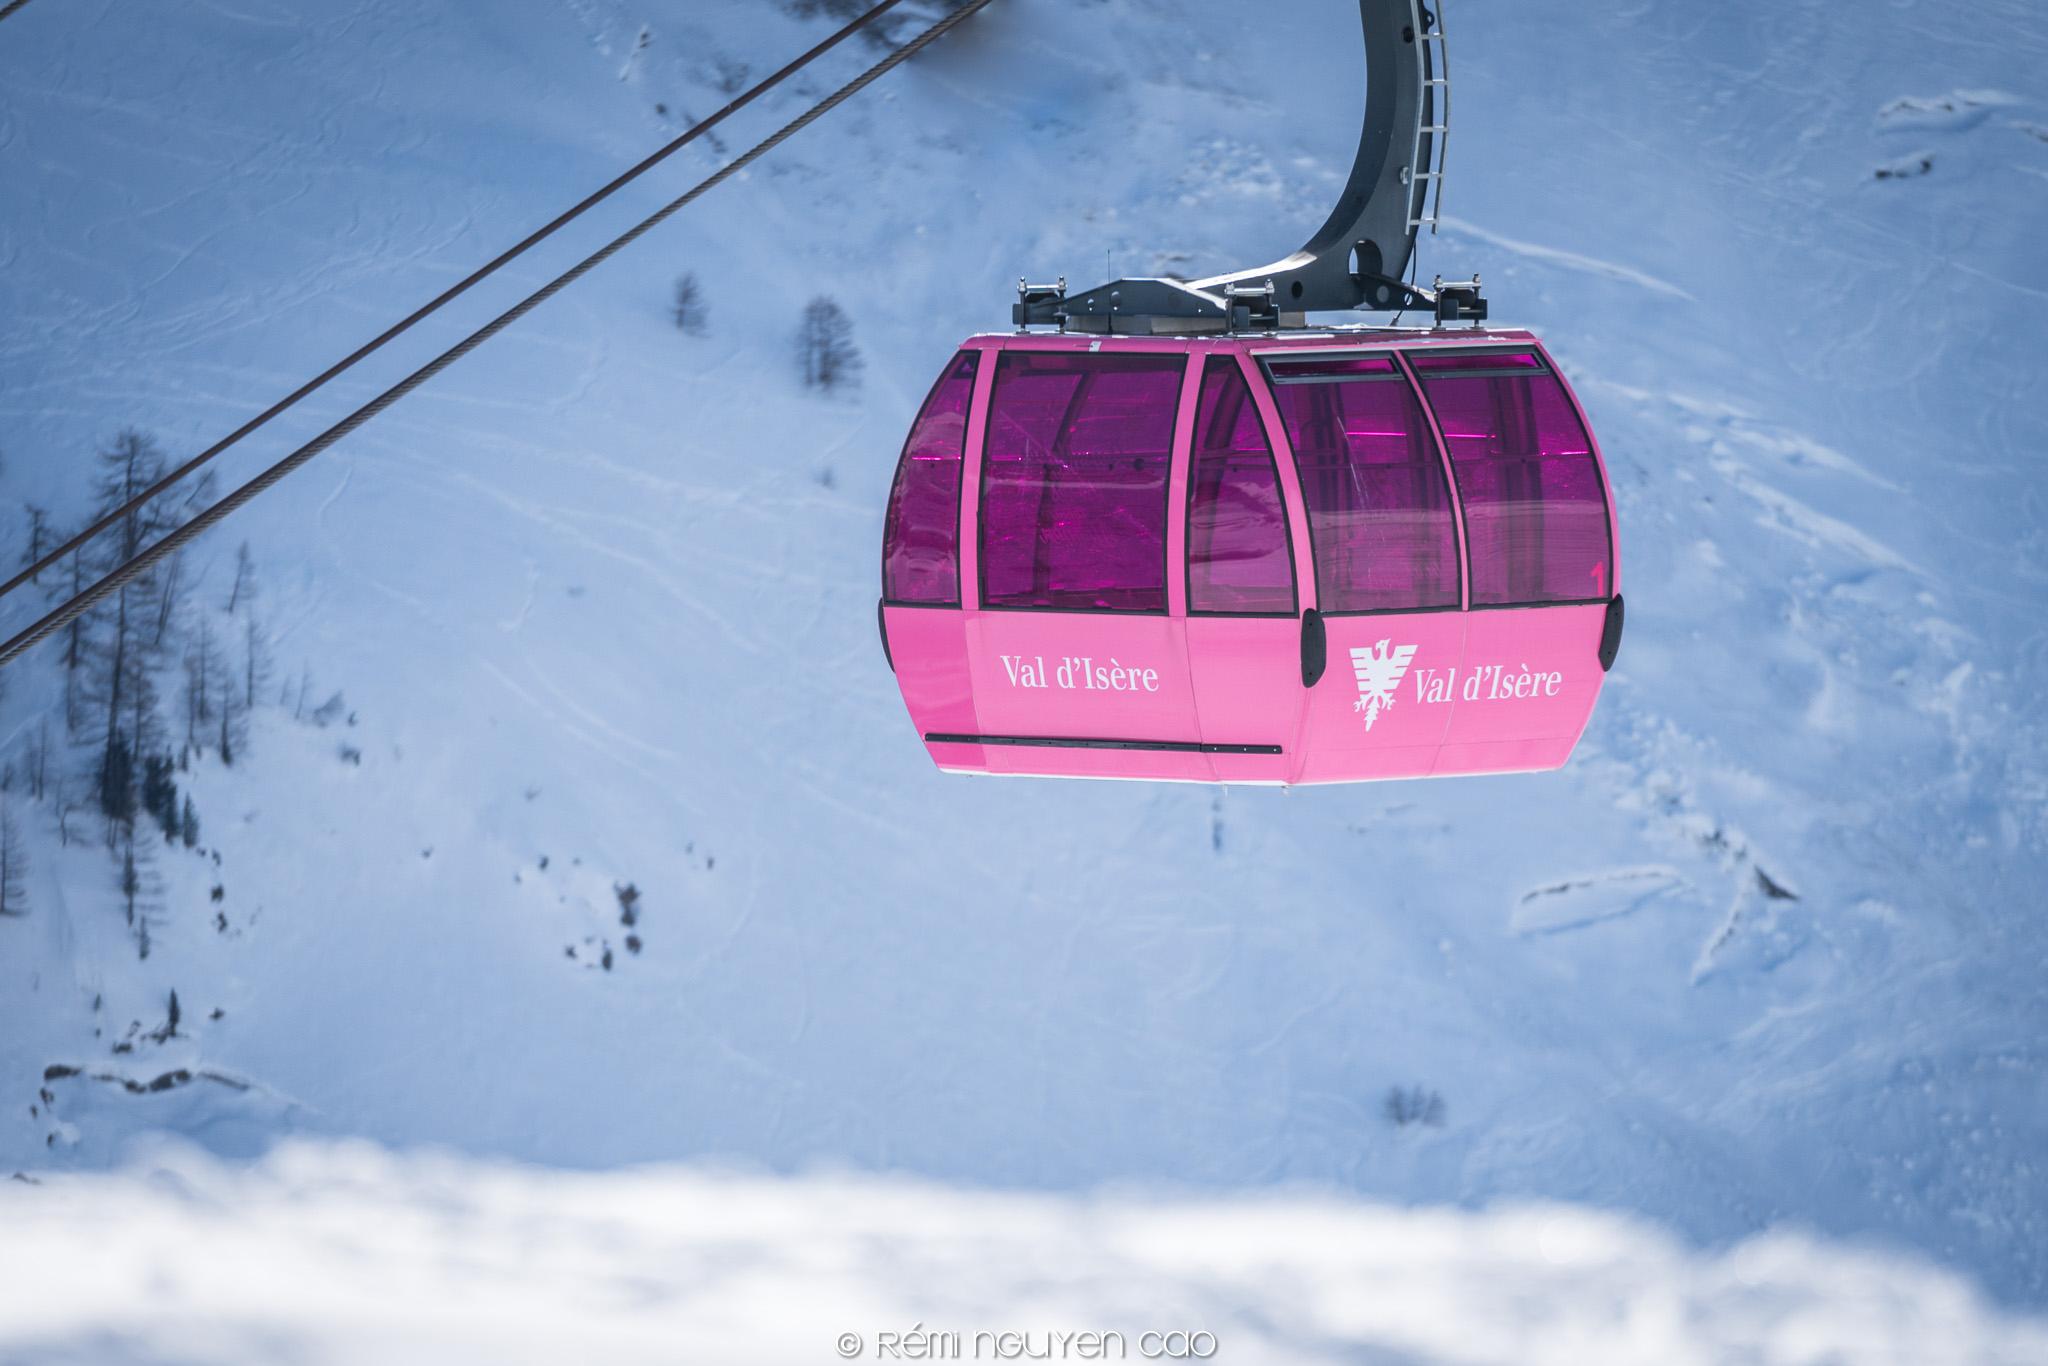 val disere ski area